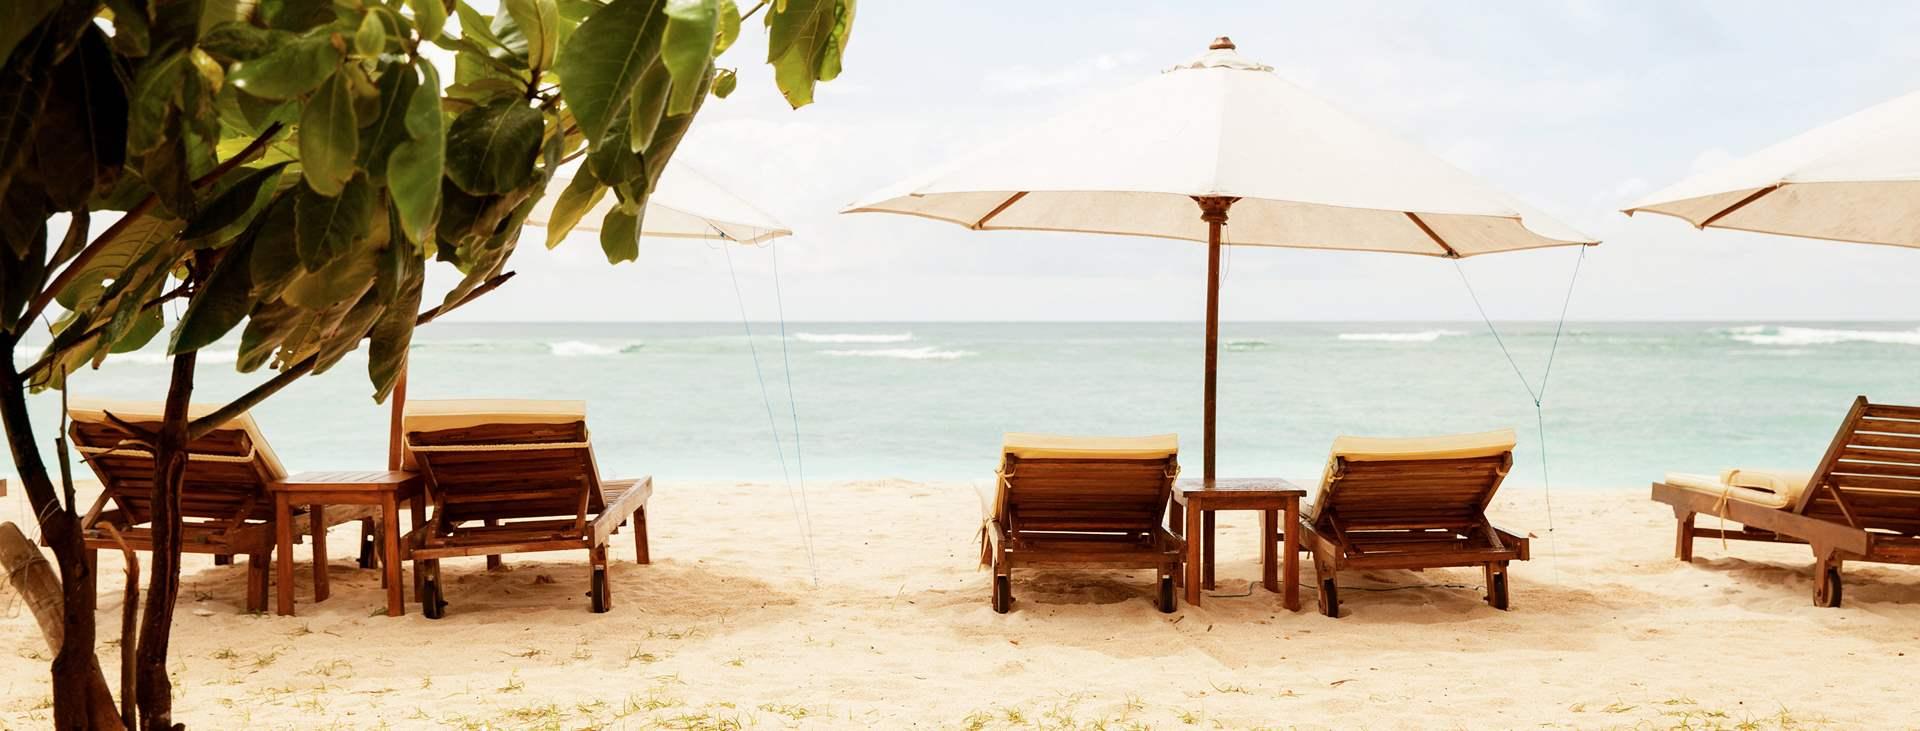 Resor till Nusa Dua på Bali